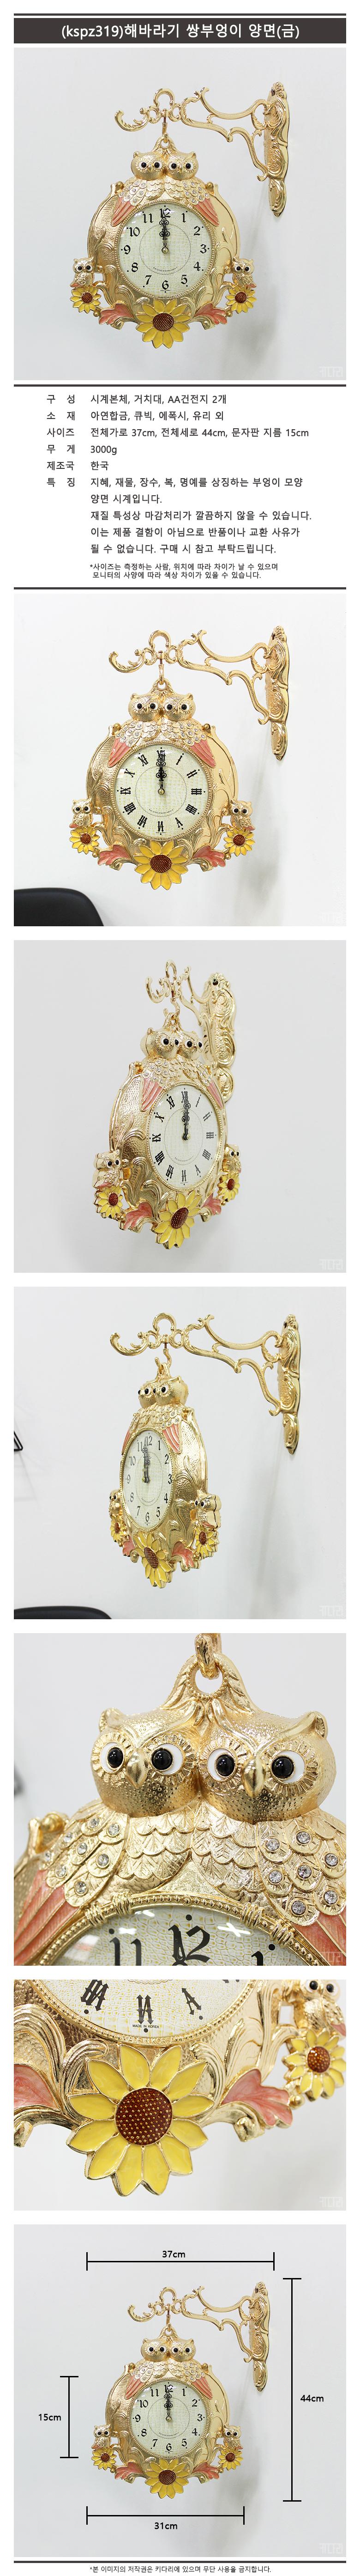 (kspz319)해바라기 쌍부엉이 양면(금) 189,000원-키다리인테리어, 시계, 양면시계, 앤틱바보사랑 (kspz319)해바라기 쌍부엉이 양면(금) 189,000원-키다리인테리어, 시계, 양면시계, 앤틱바보사랑